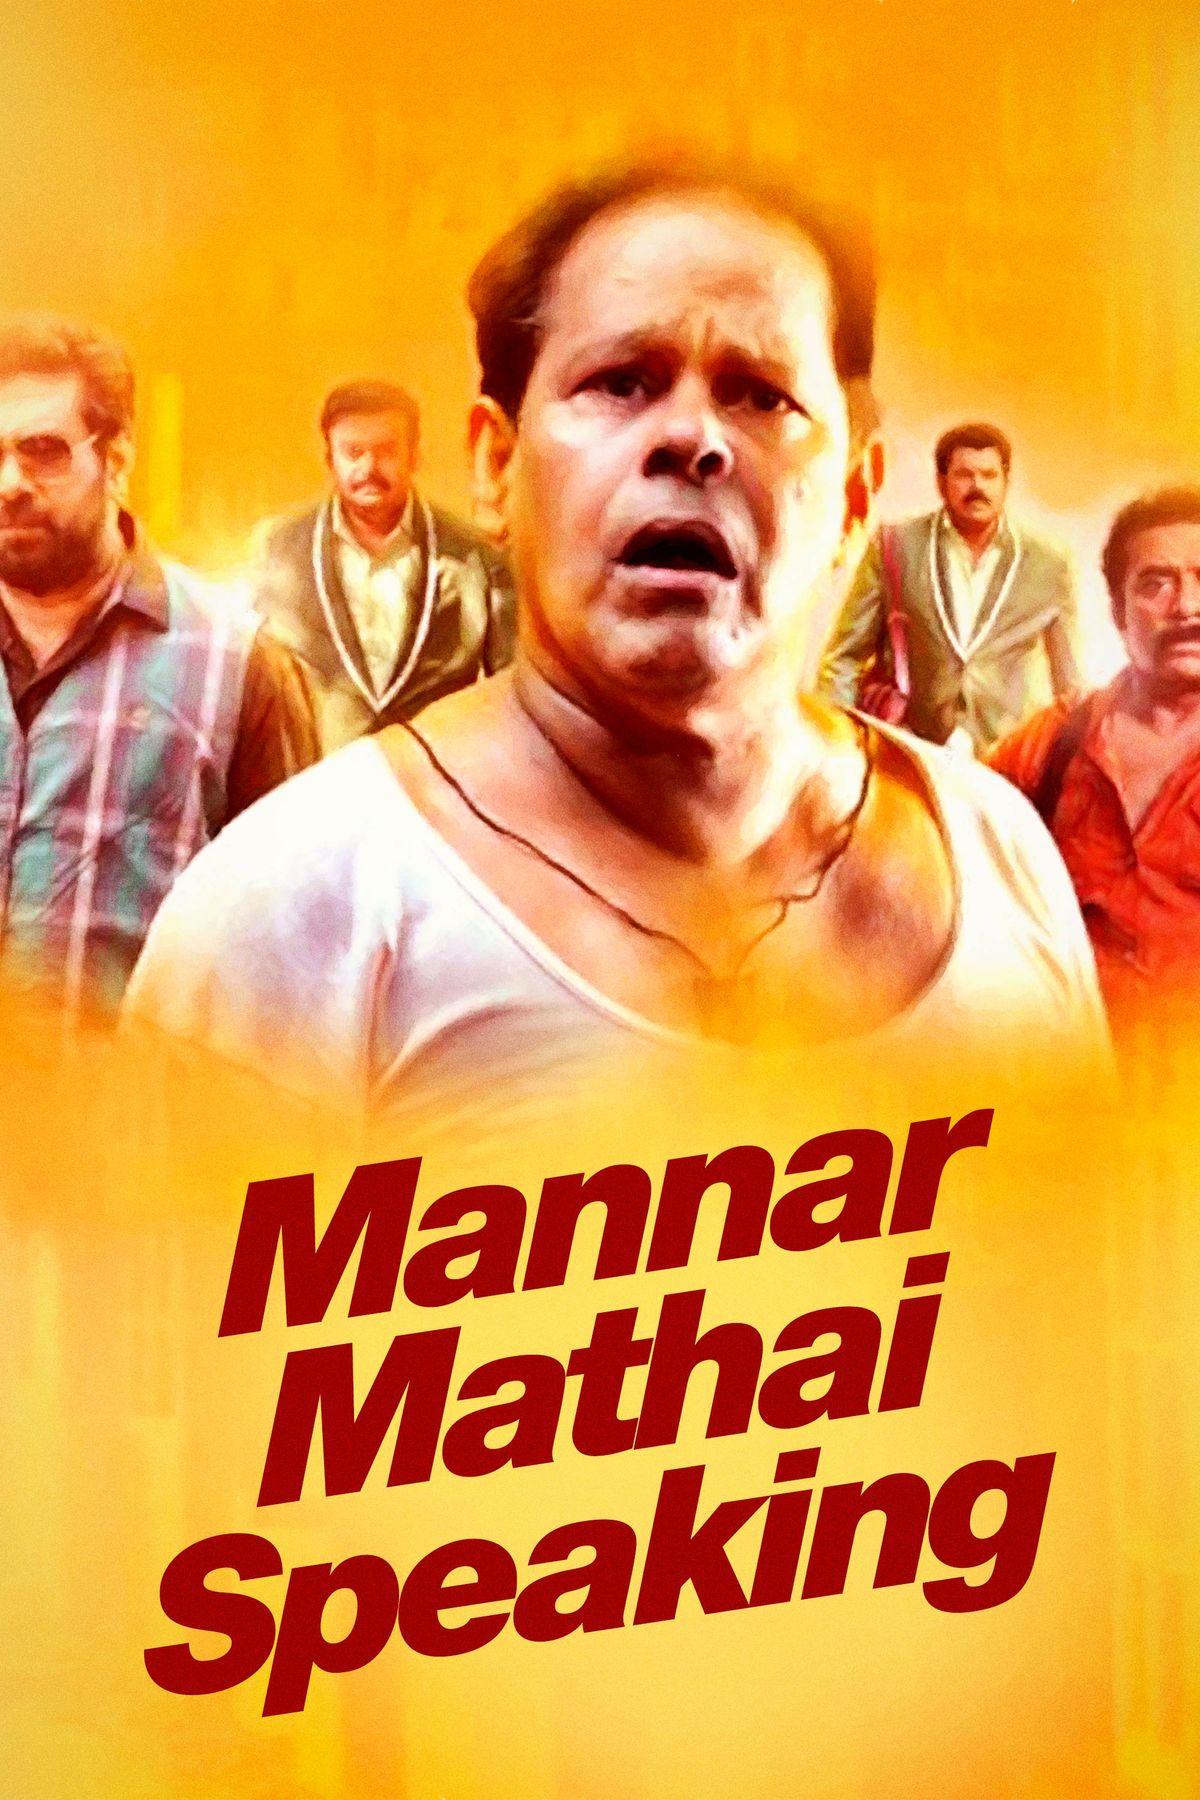 Mannar Mathai Speaking